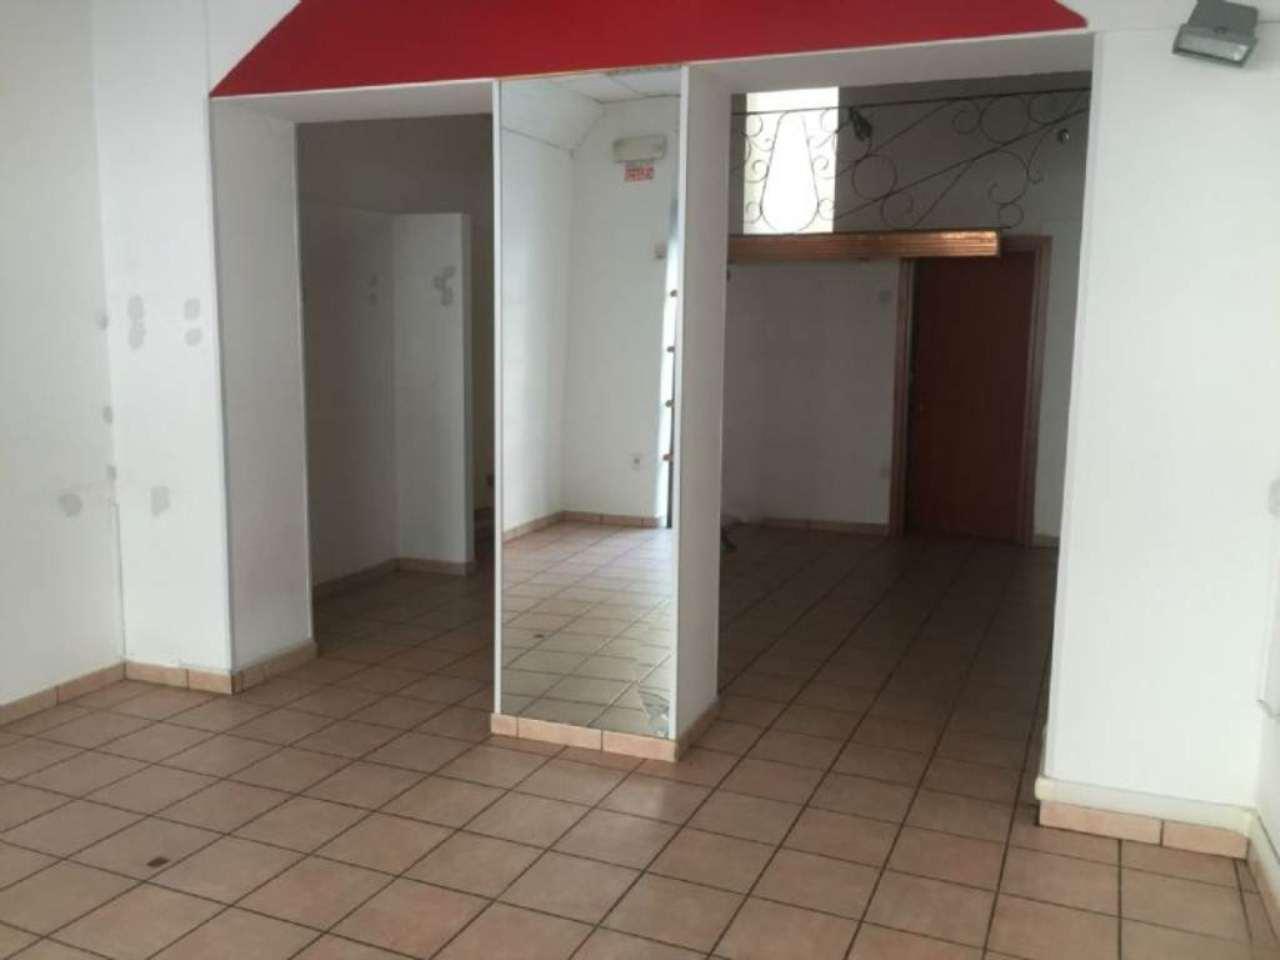 Negozio / Locale in affitto a Pescara, 1 locali, prezzo € 1.100 | Cambio Casa.it